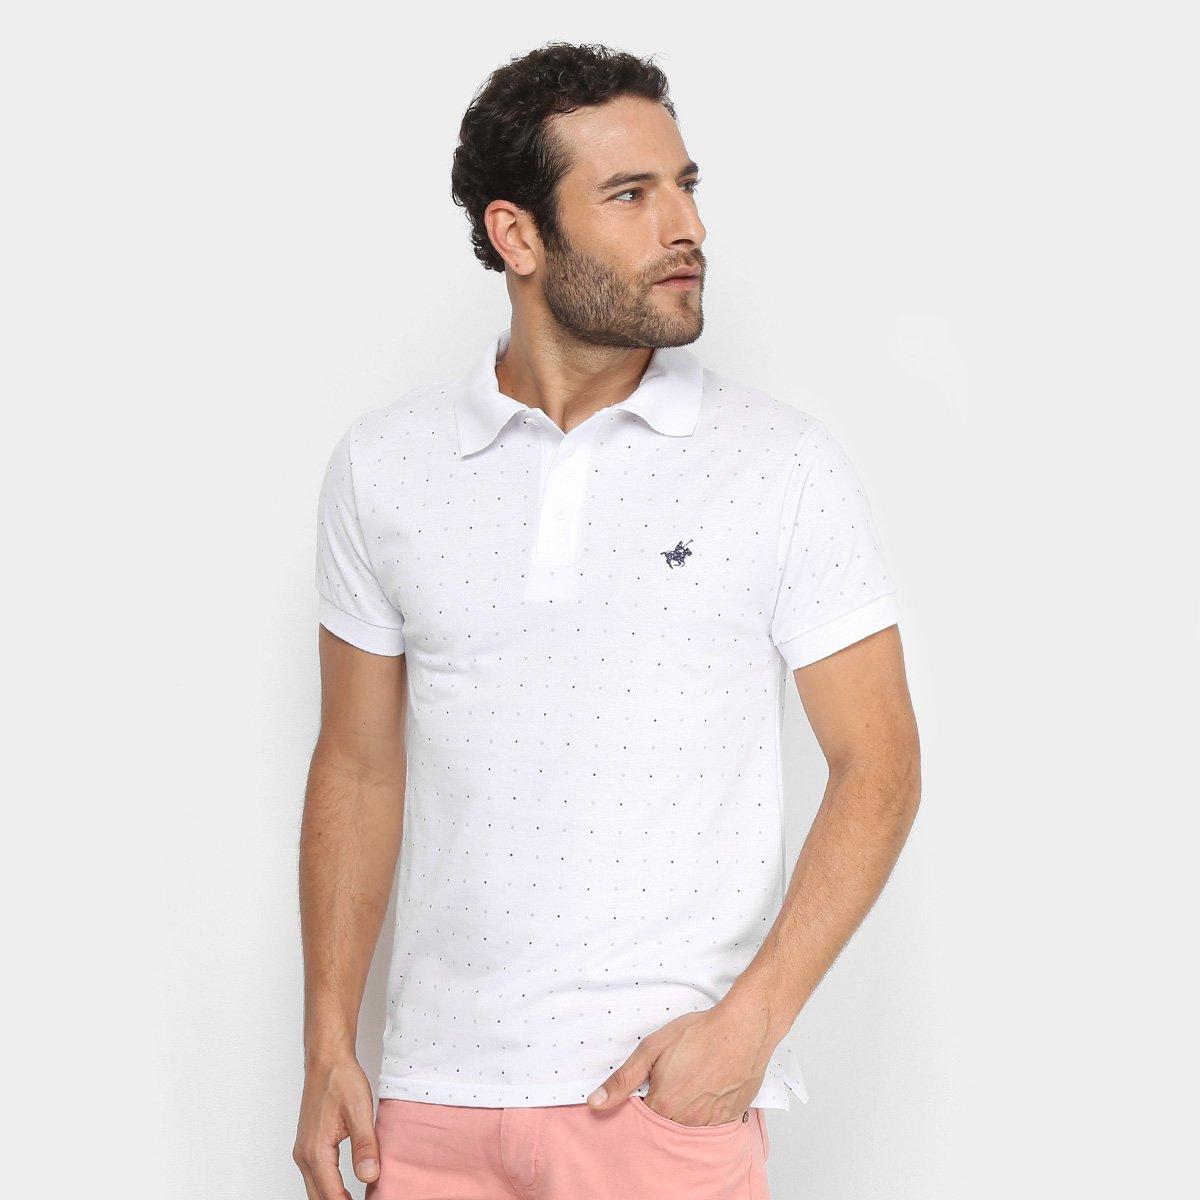 Camisa Polo Polo Up Estampada Poá Masculina. undefined 5e73f65cd8935